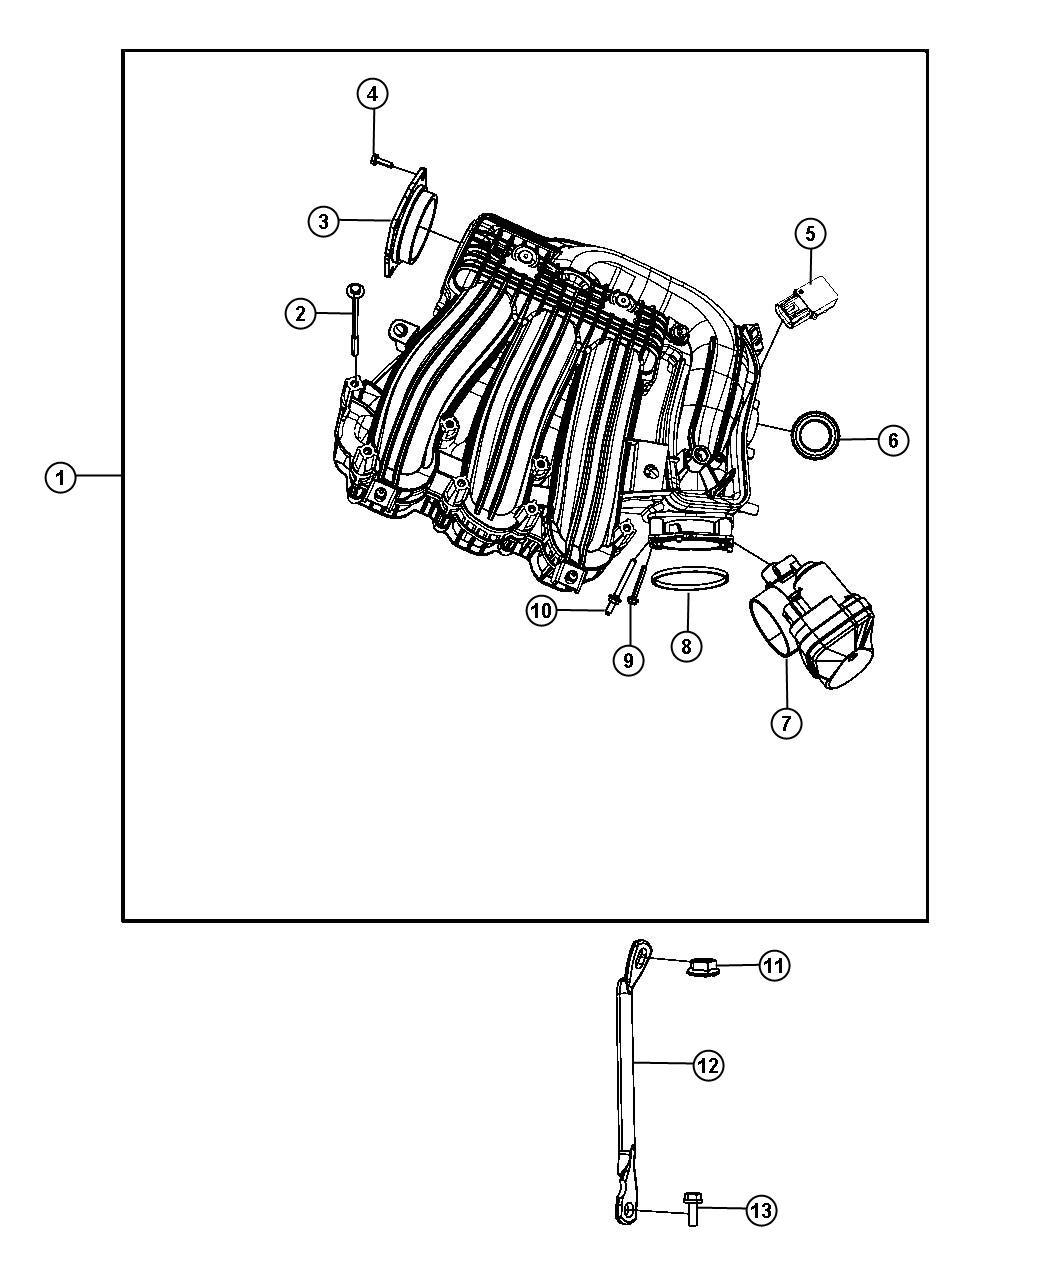 Oem Dodge Avenger Parts Online Factory Chrysler Parts